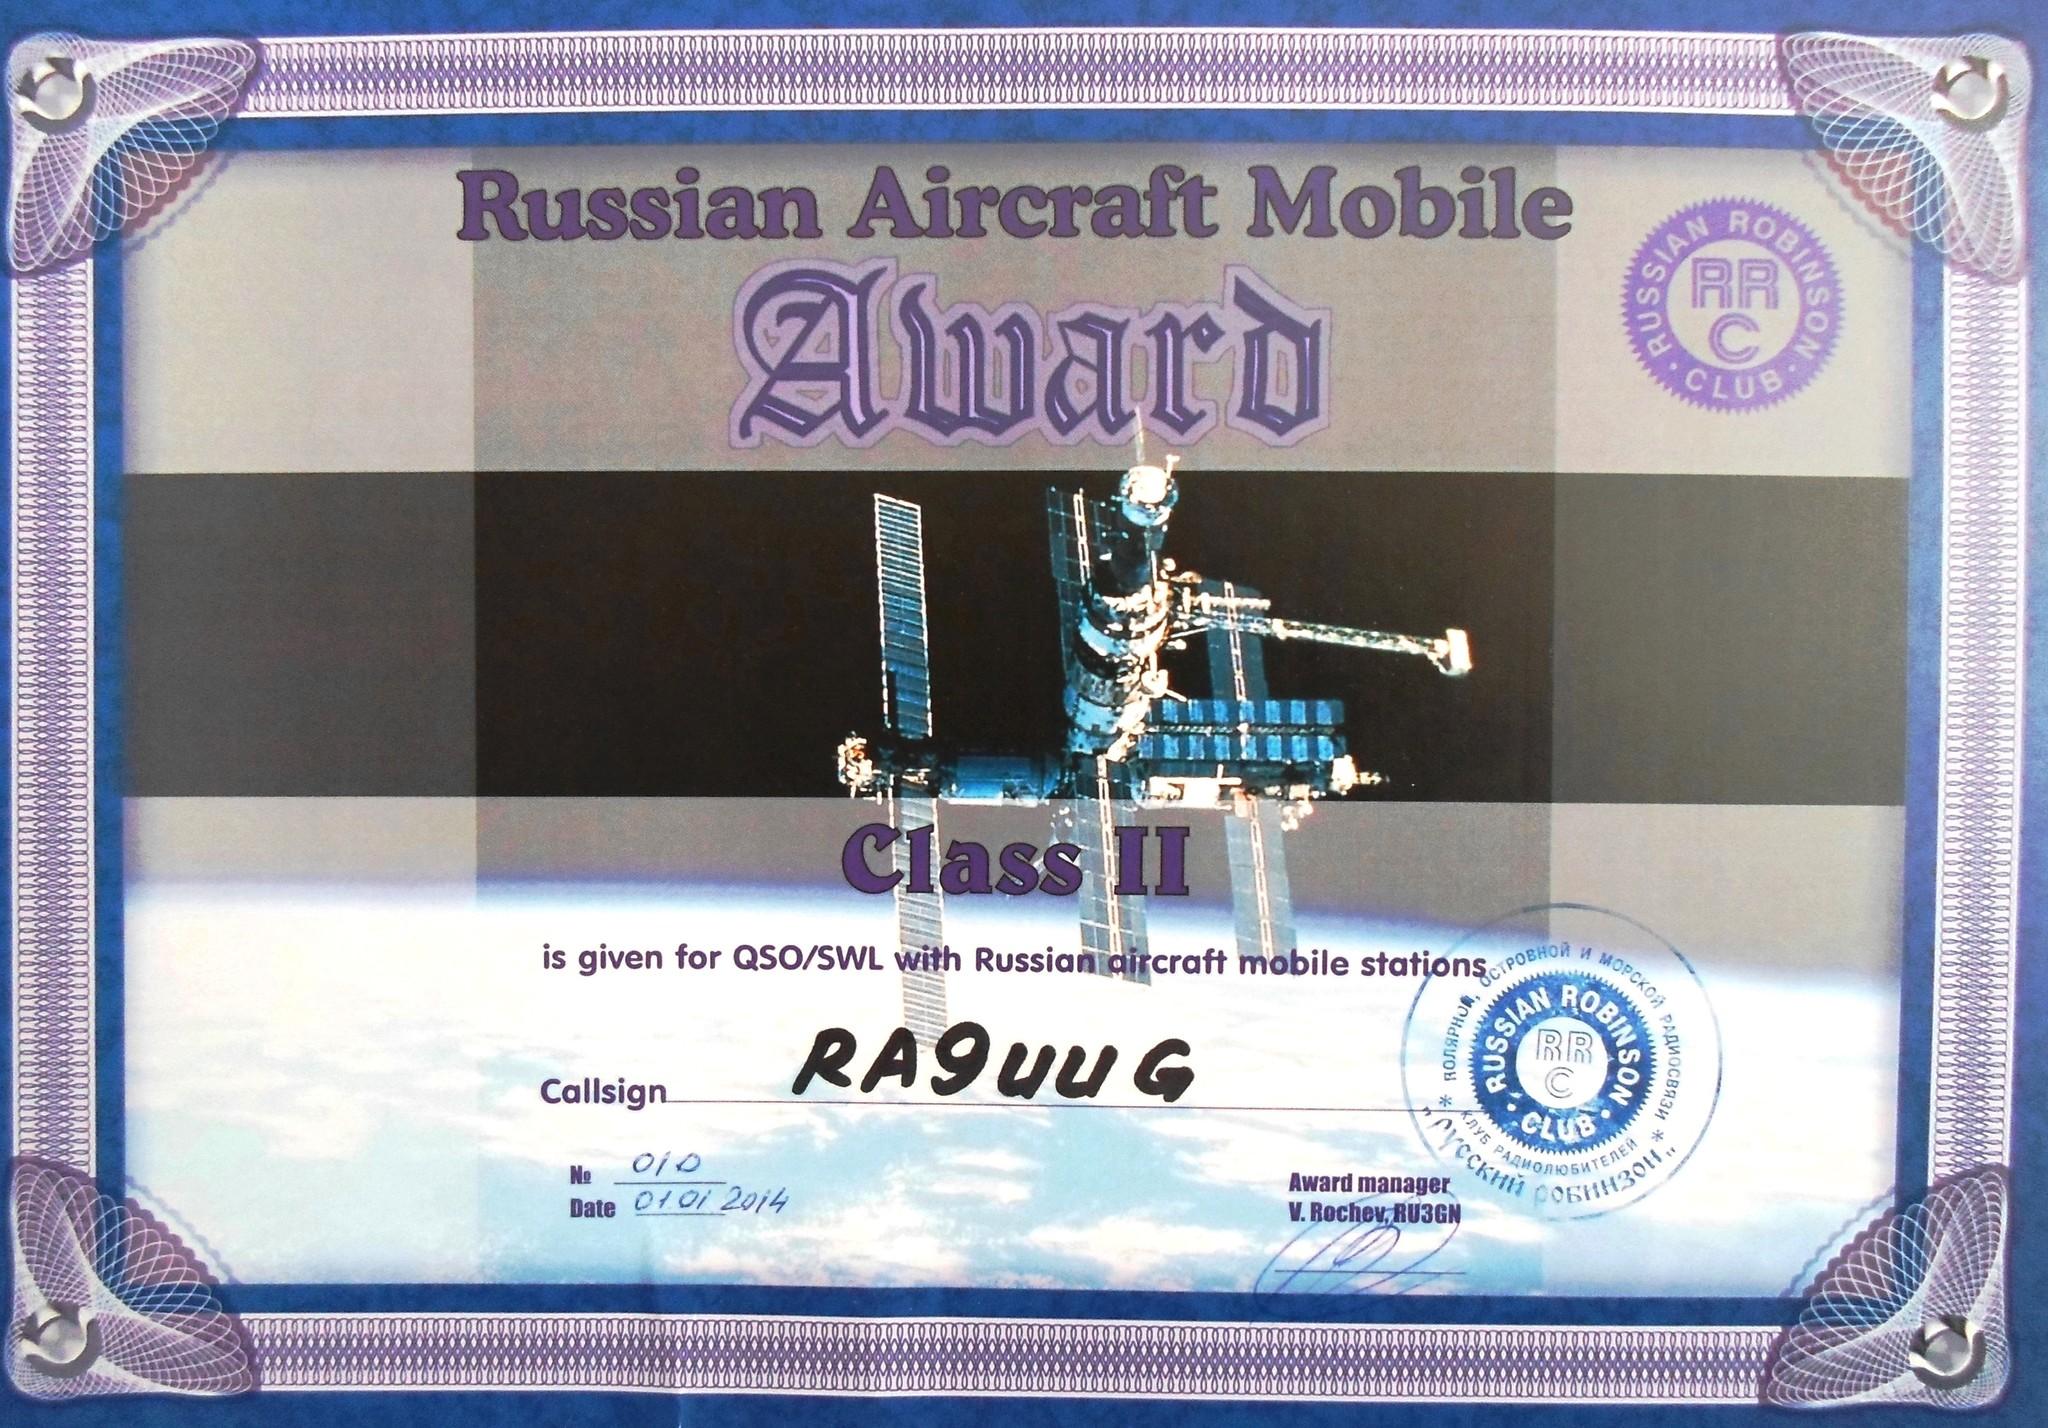 Нажмите на изображение для увеличения.  Название:RAMA Class 2.JPG Просмотров:84 Размер:742.2 Кб ID:126078